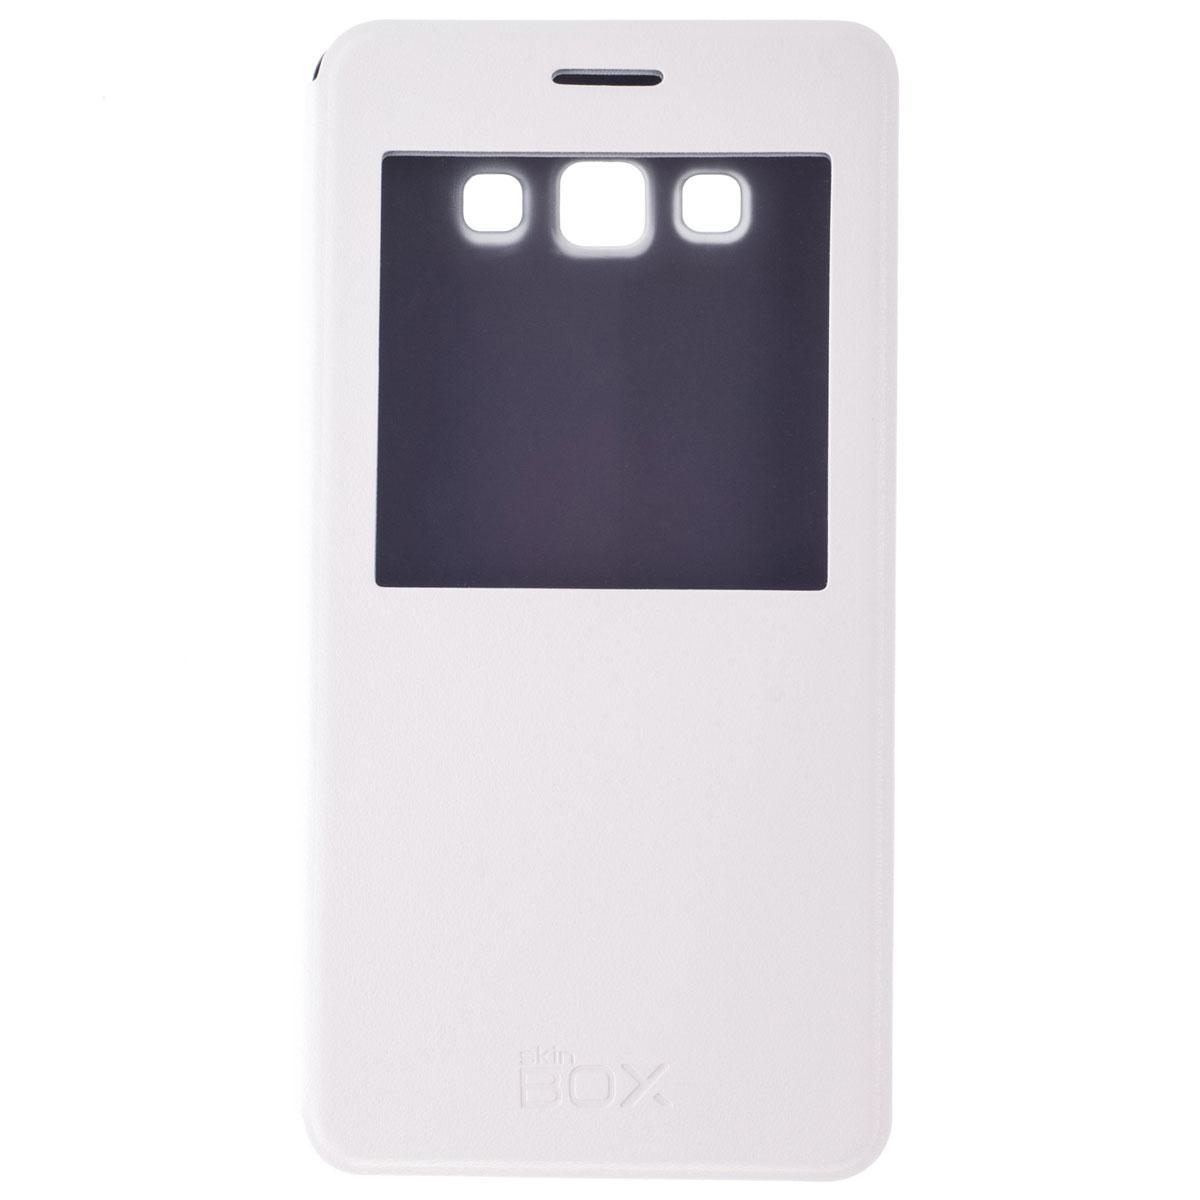 Skinbox Lux AW чехол для Samsung Galaxy A7, WhiteT-S-SA700-004Чехол Skinbox Lux AW выполнен из высококачественного поликарбоната и экокожи. Он обеспечивает надежную защиту корпуса и экрана смартфона и надолго сохраняет его привлекательный внешний вид. Чехол также обеспечивает свободный доступ ко всем разъемам и клавишам устройства.